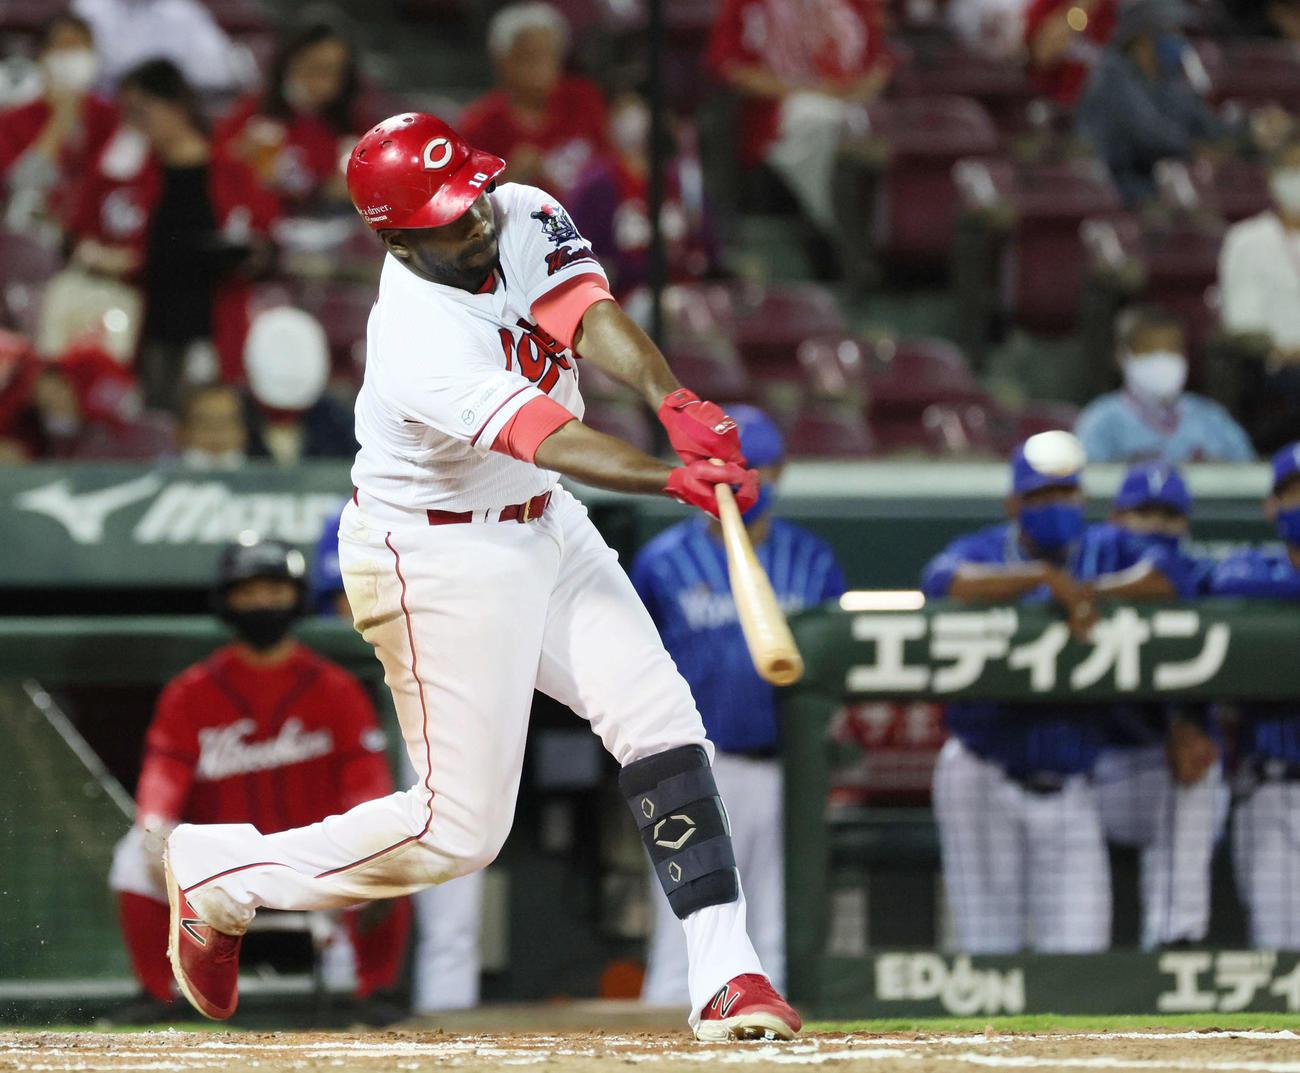 広島対DeNA 2回裏広島1死二塁、ピレラは先制適時二塁打を放つ(撮影・加藤孝規)